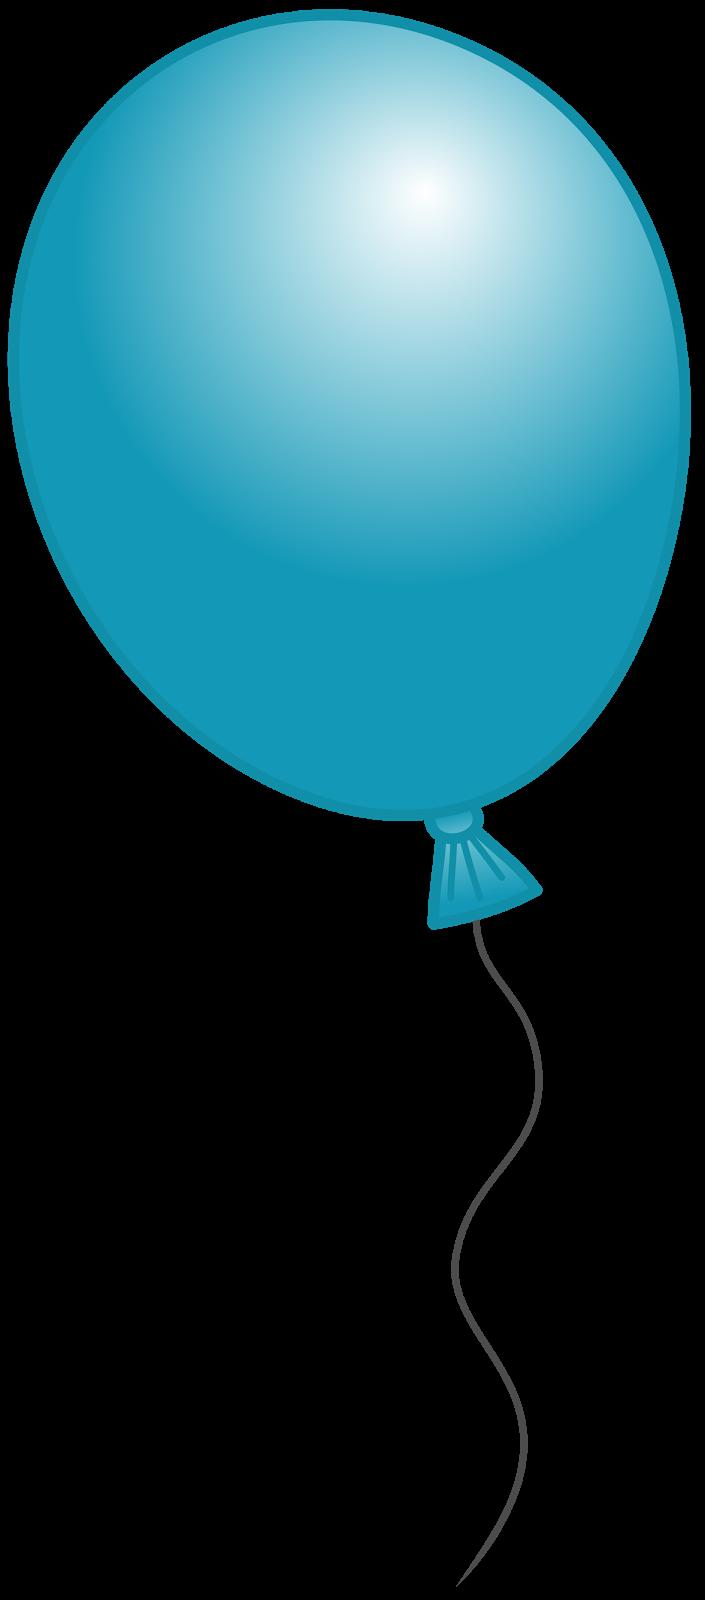 705x1600 Blue Balloon Clipart